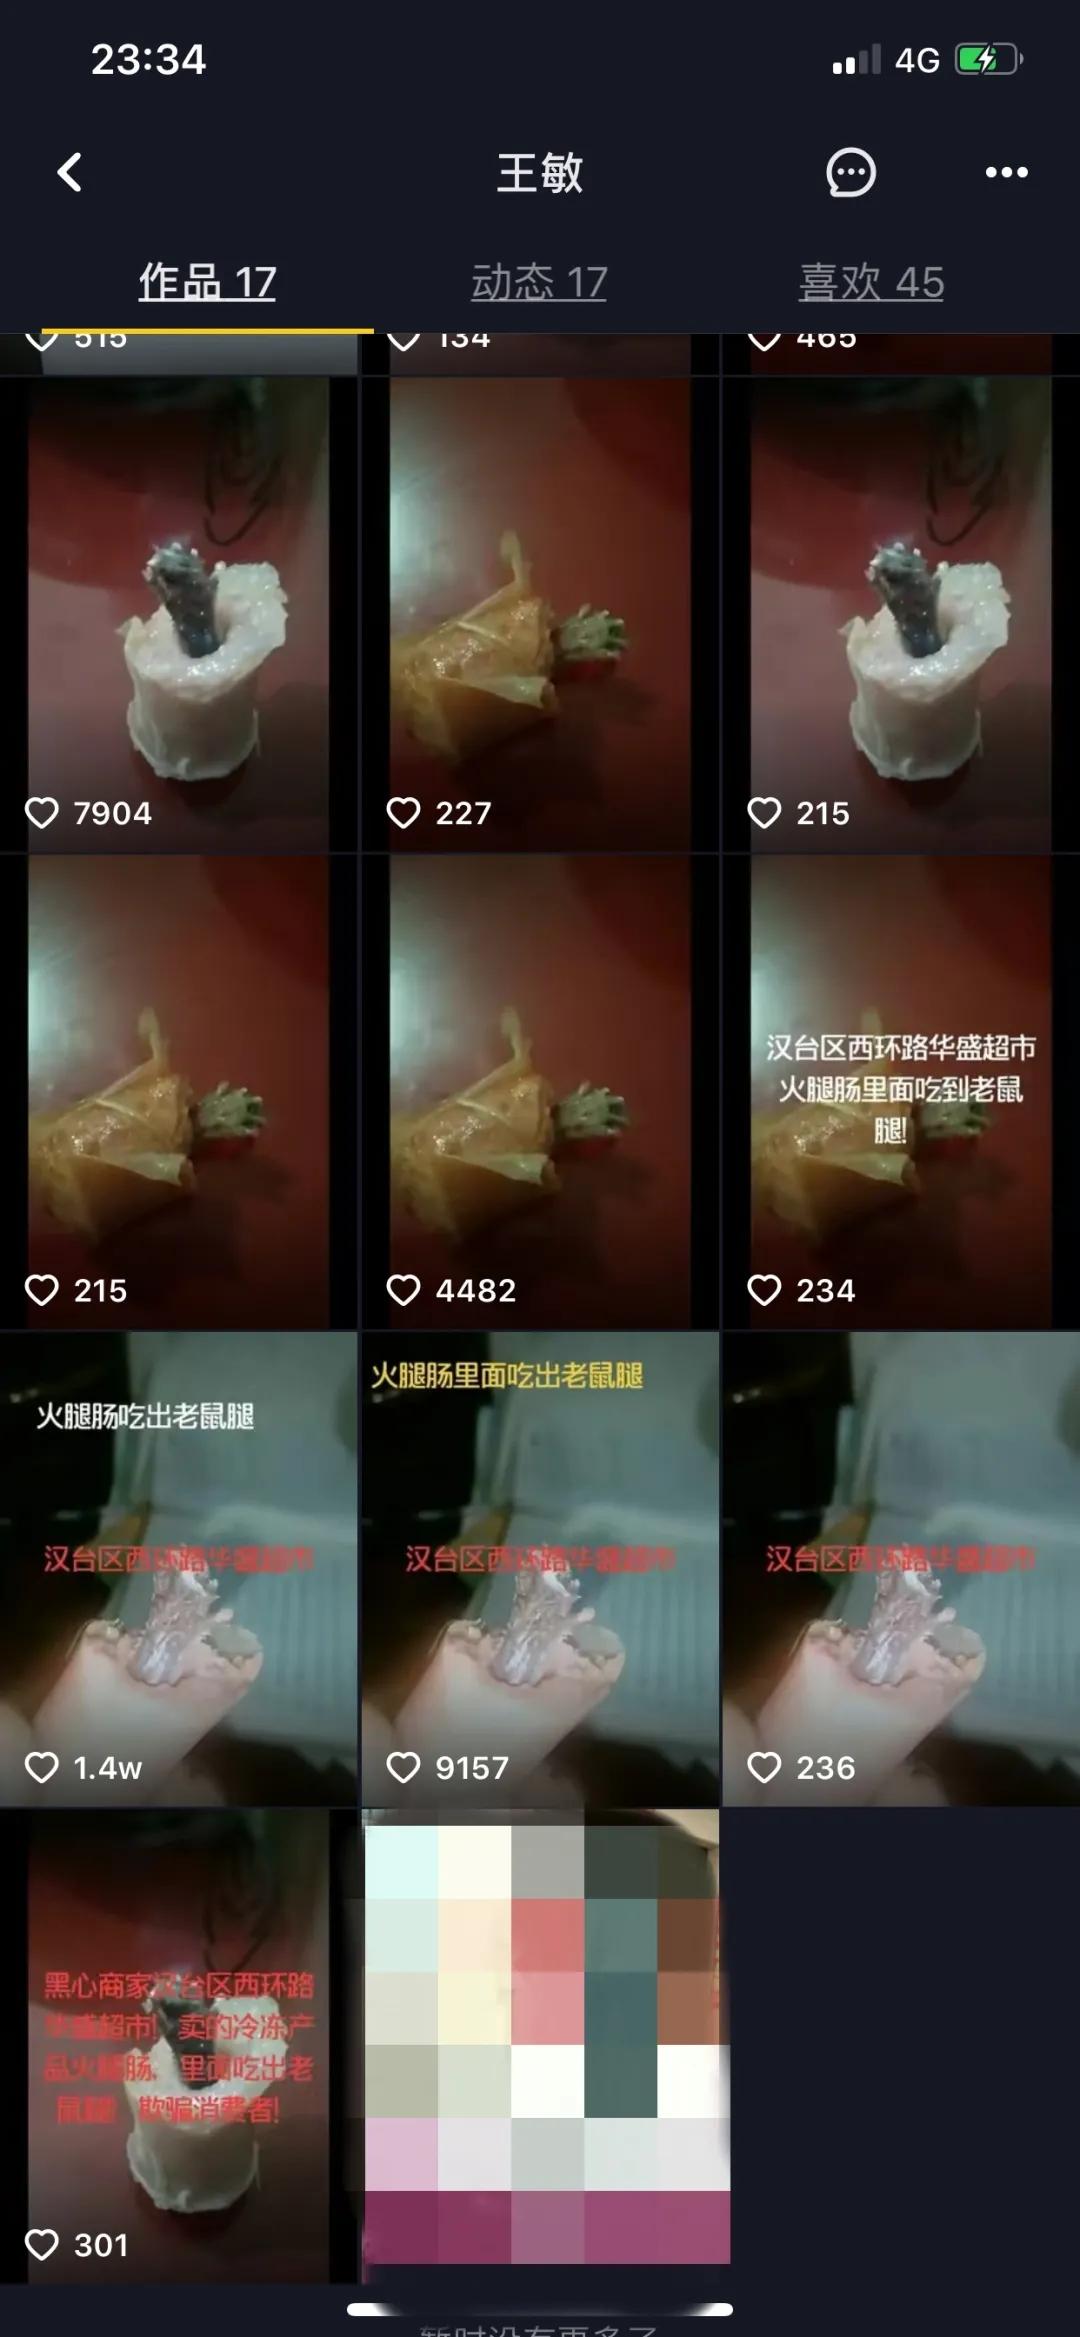 市民王先生在社交平台发布的视频截图 微信公众号@汉中市场监管  图